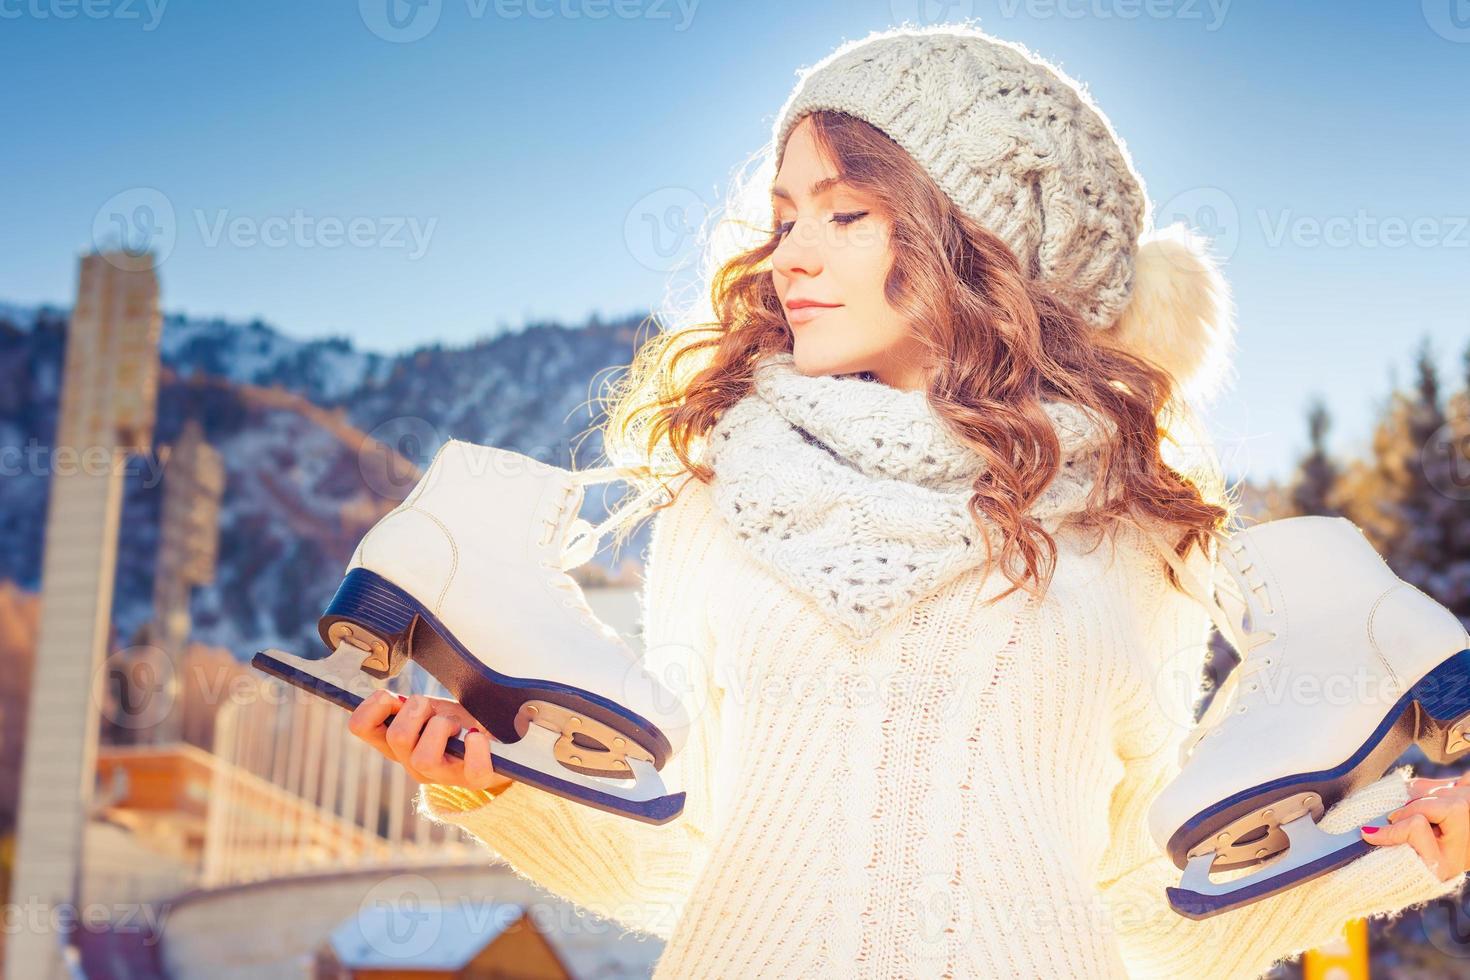 mooie blanke vrouw gaat schaatsen buiten foto